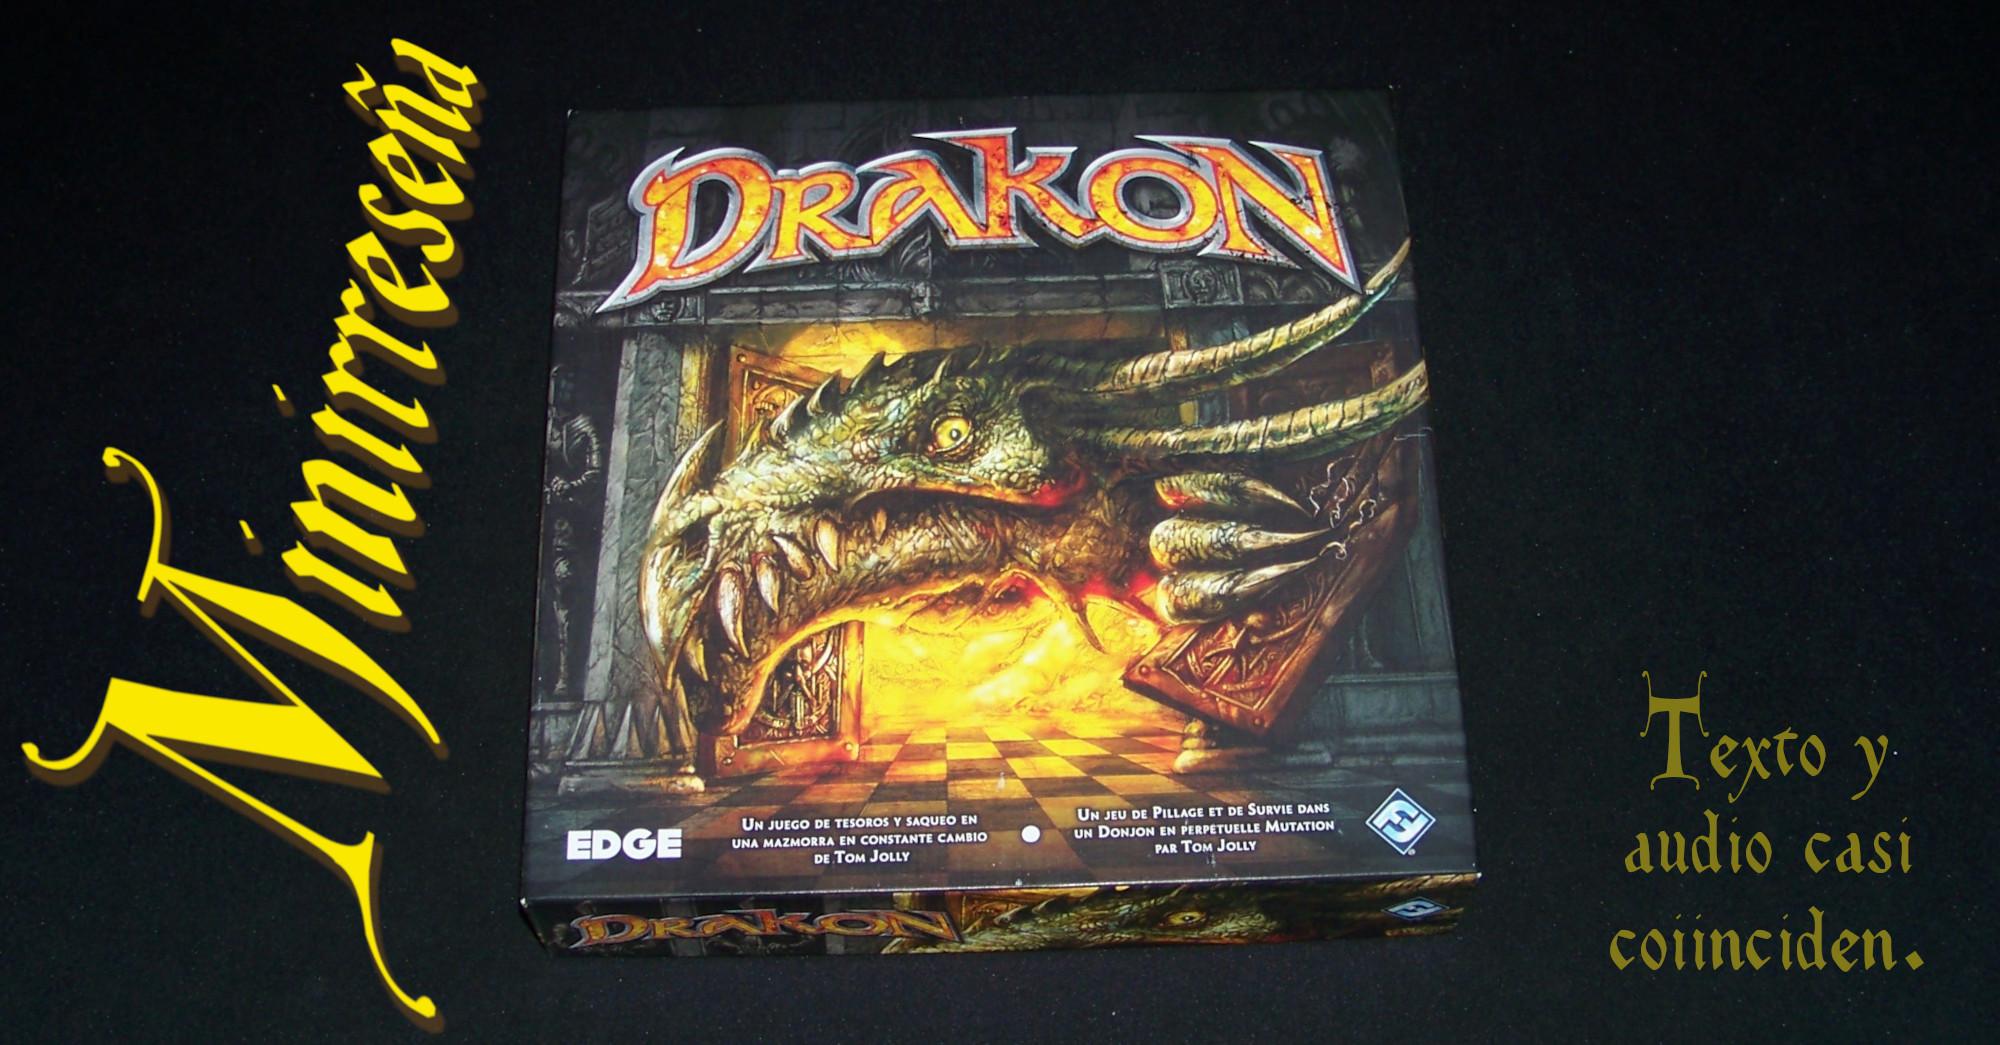 Juego de mesa Drakon - carátula